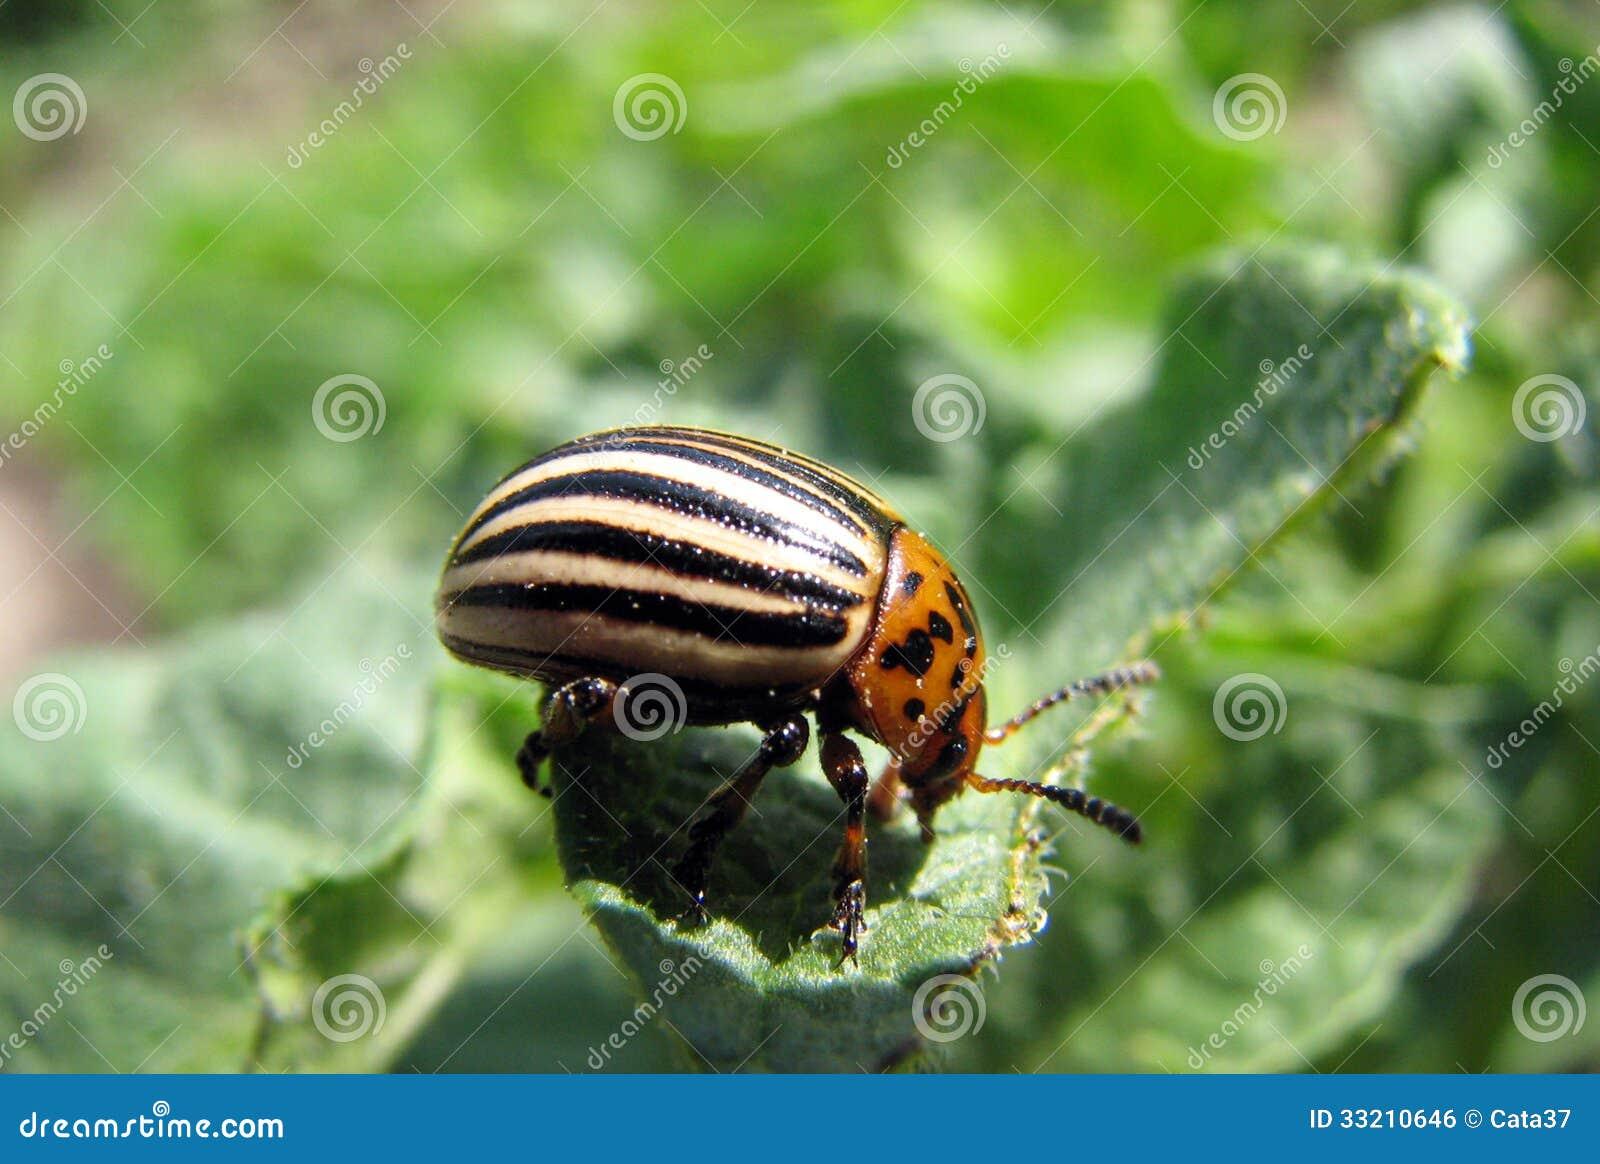 Insecto de patata